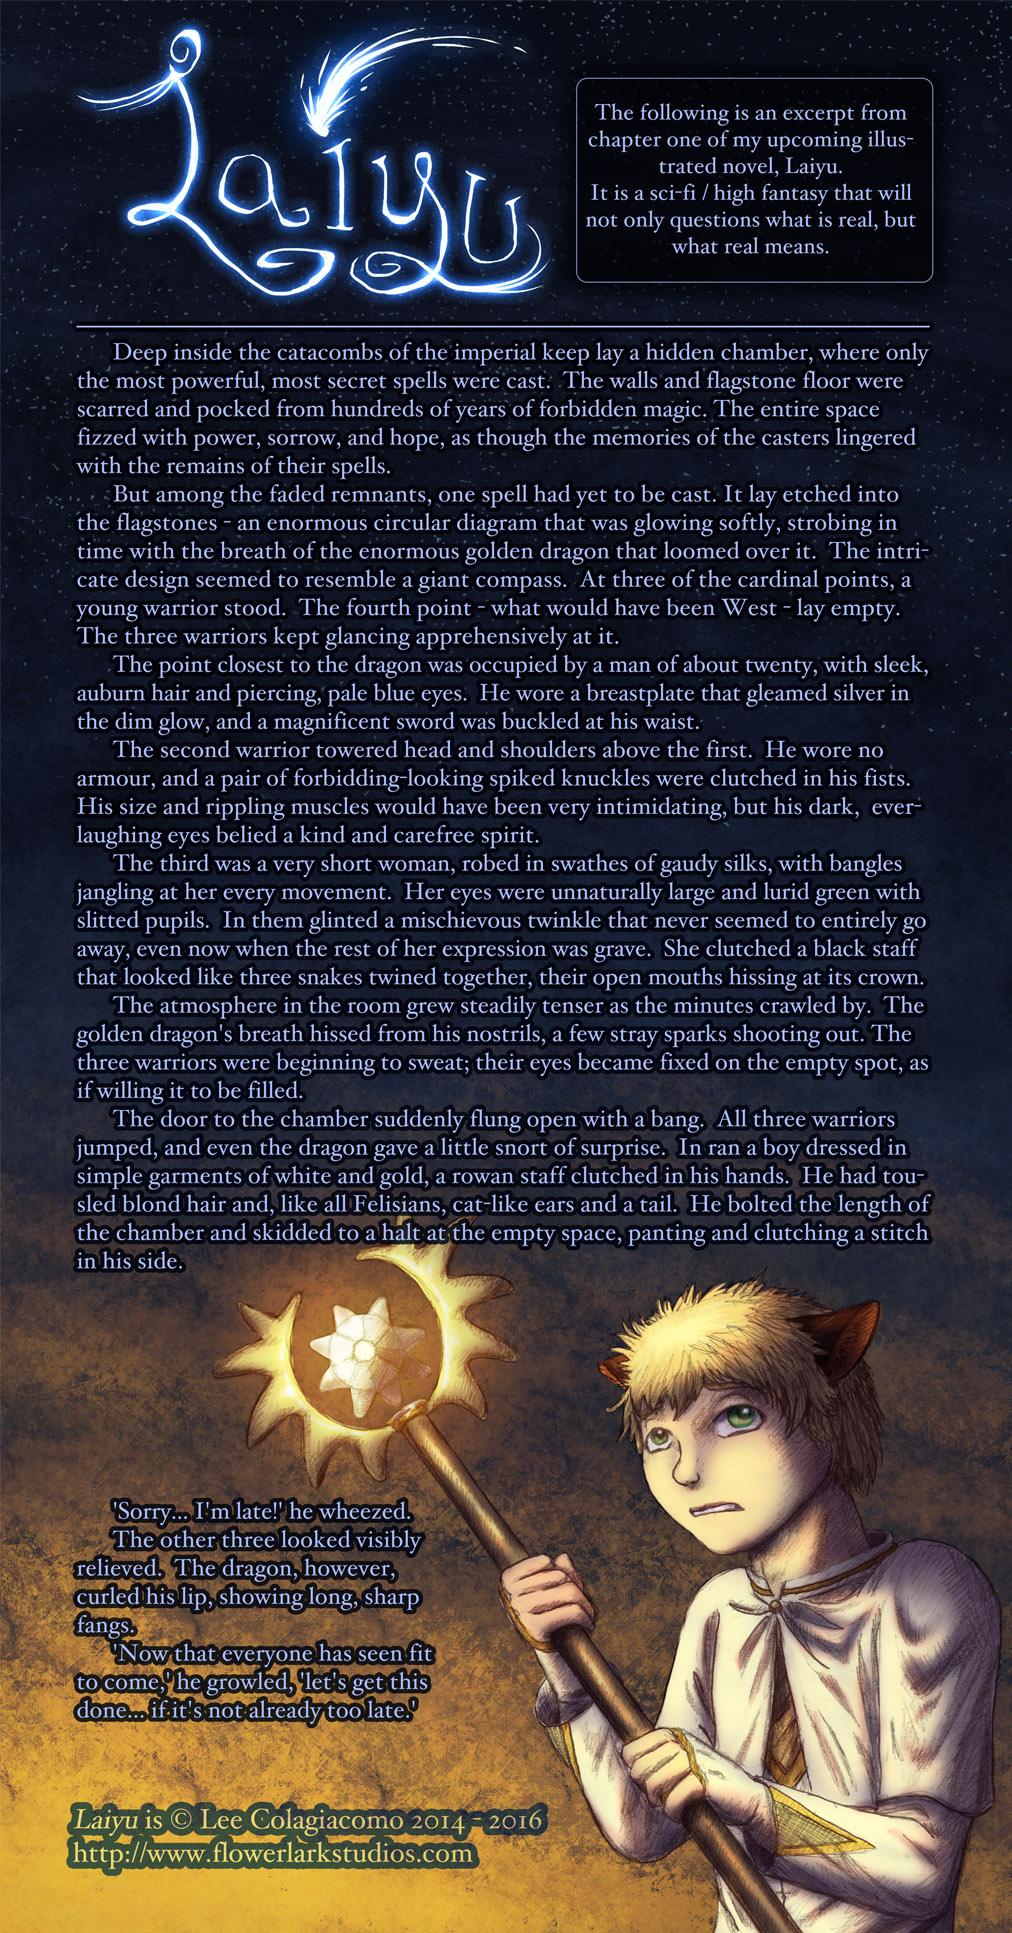 Laiyu Excerpt 1